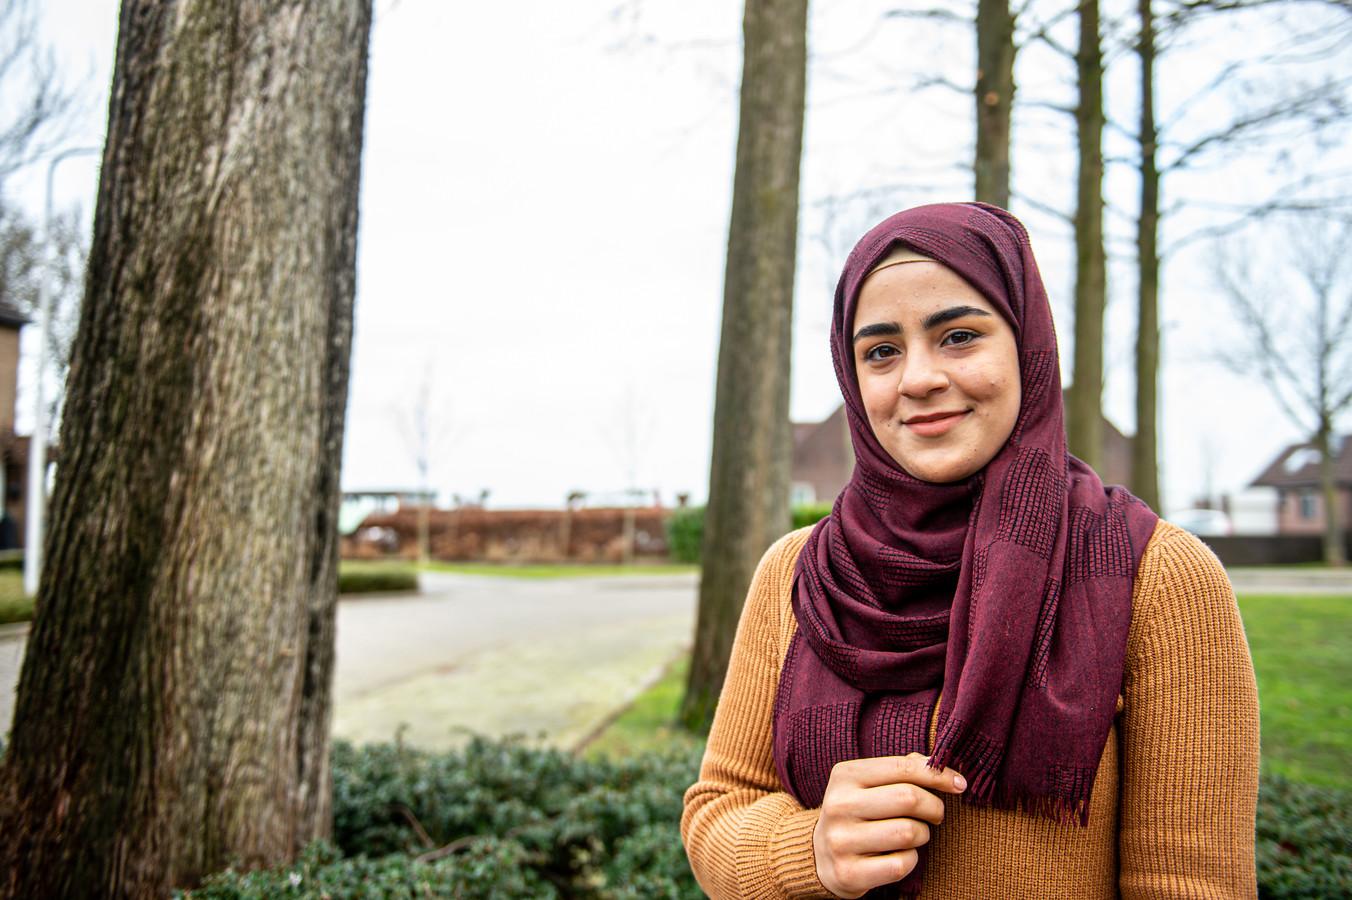 De Syrische Iman Alweso (23 jaar) vluchtte uit het door oorlog verscheurde Aleppo en woont nu met haar familie in Stolwijk. Naast haar opleiding is zij actief als vrijwilliger bij het Rode Kruis in Gouda.